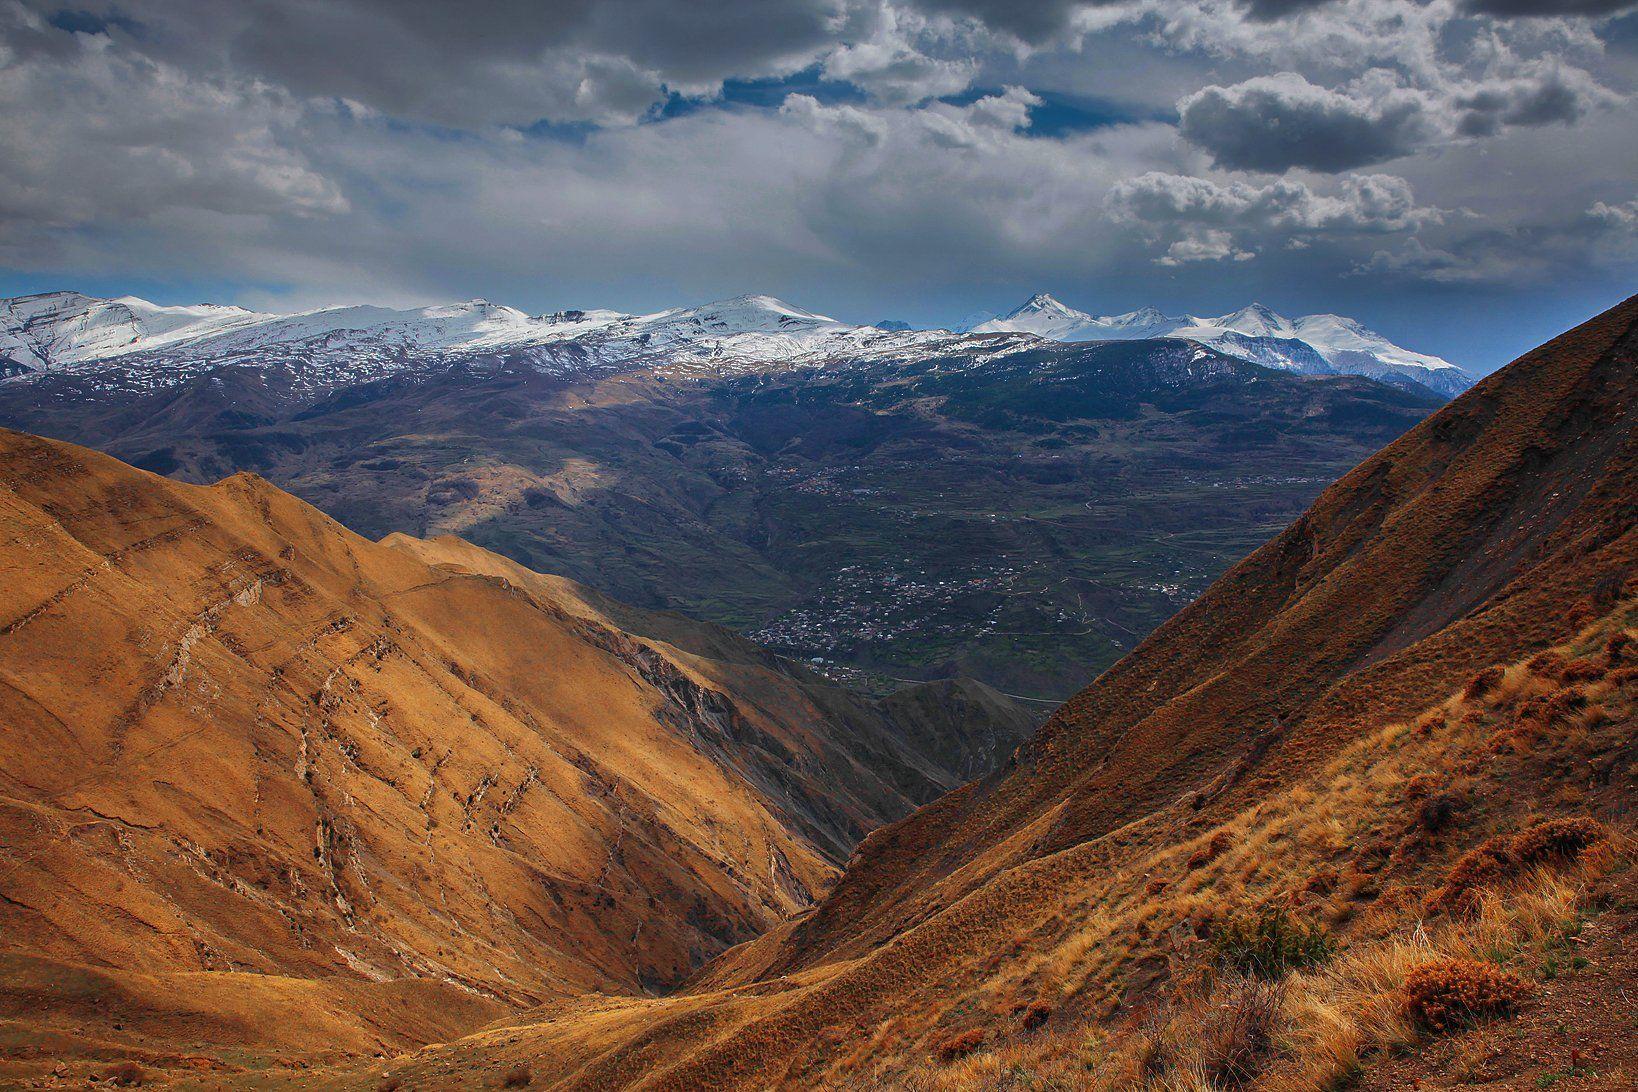 горы,пейзаж,горный пейзаж,весна,дагестан,северный кавказ,шамильский район., Magov Marat